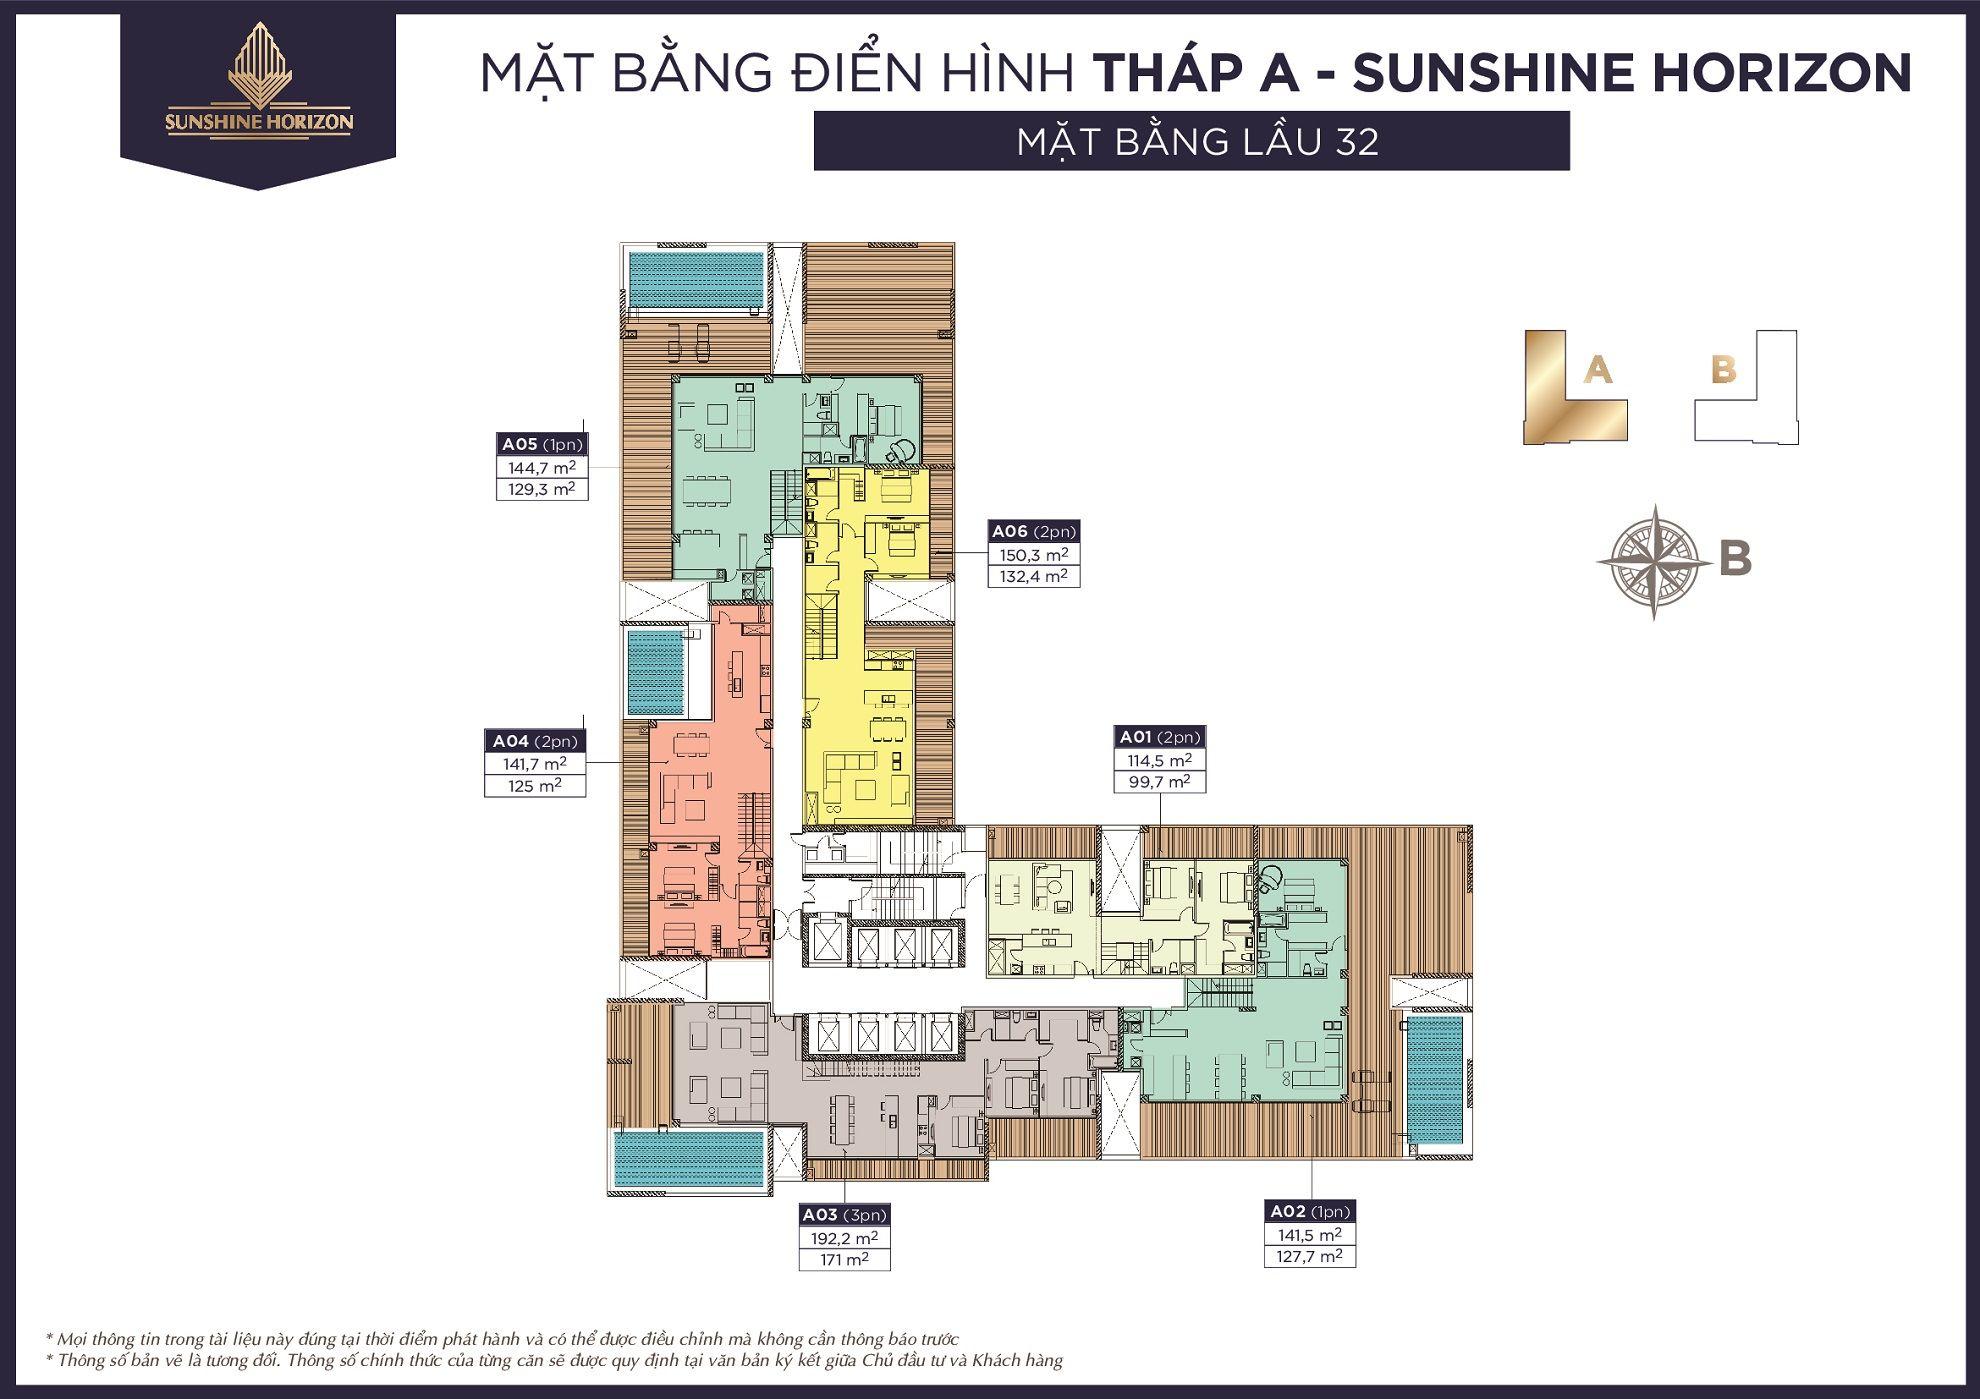 mat-bang-dien-hinh-tang-32-sunshine-horizon-compressed